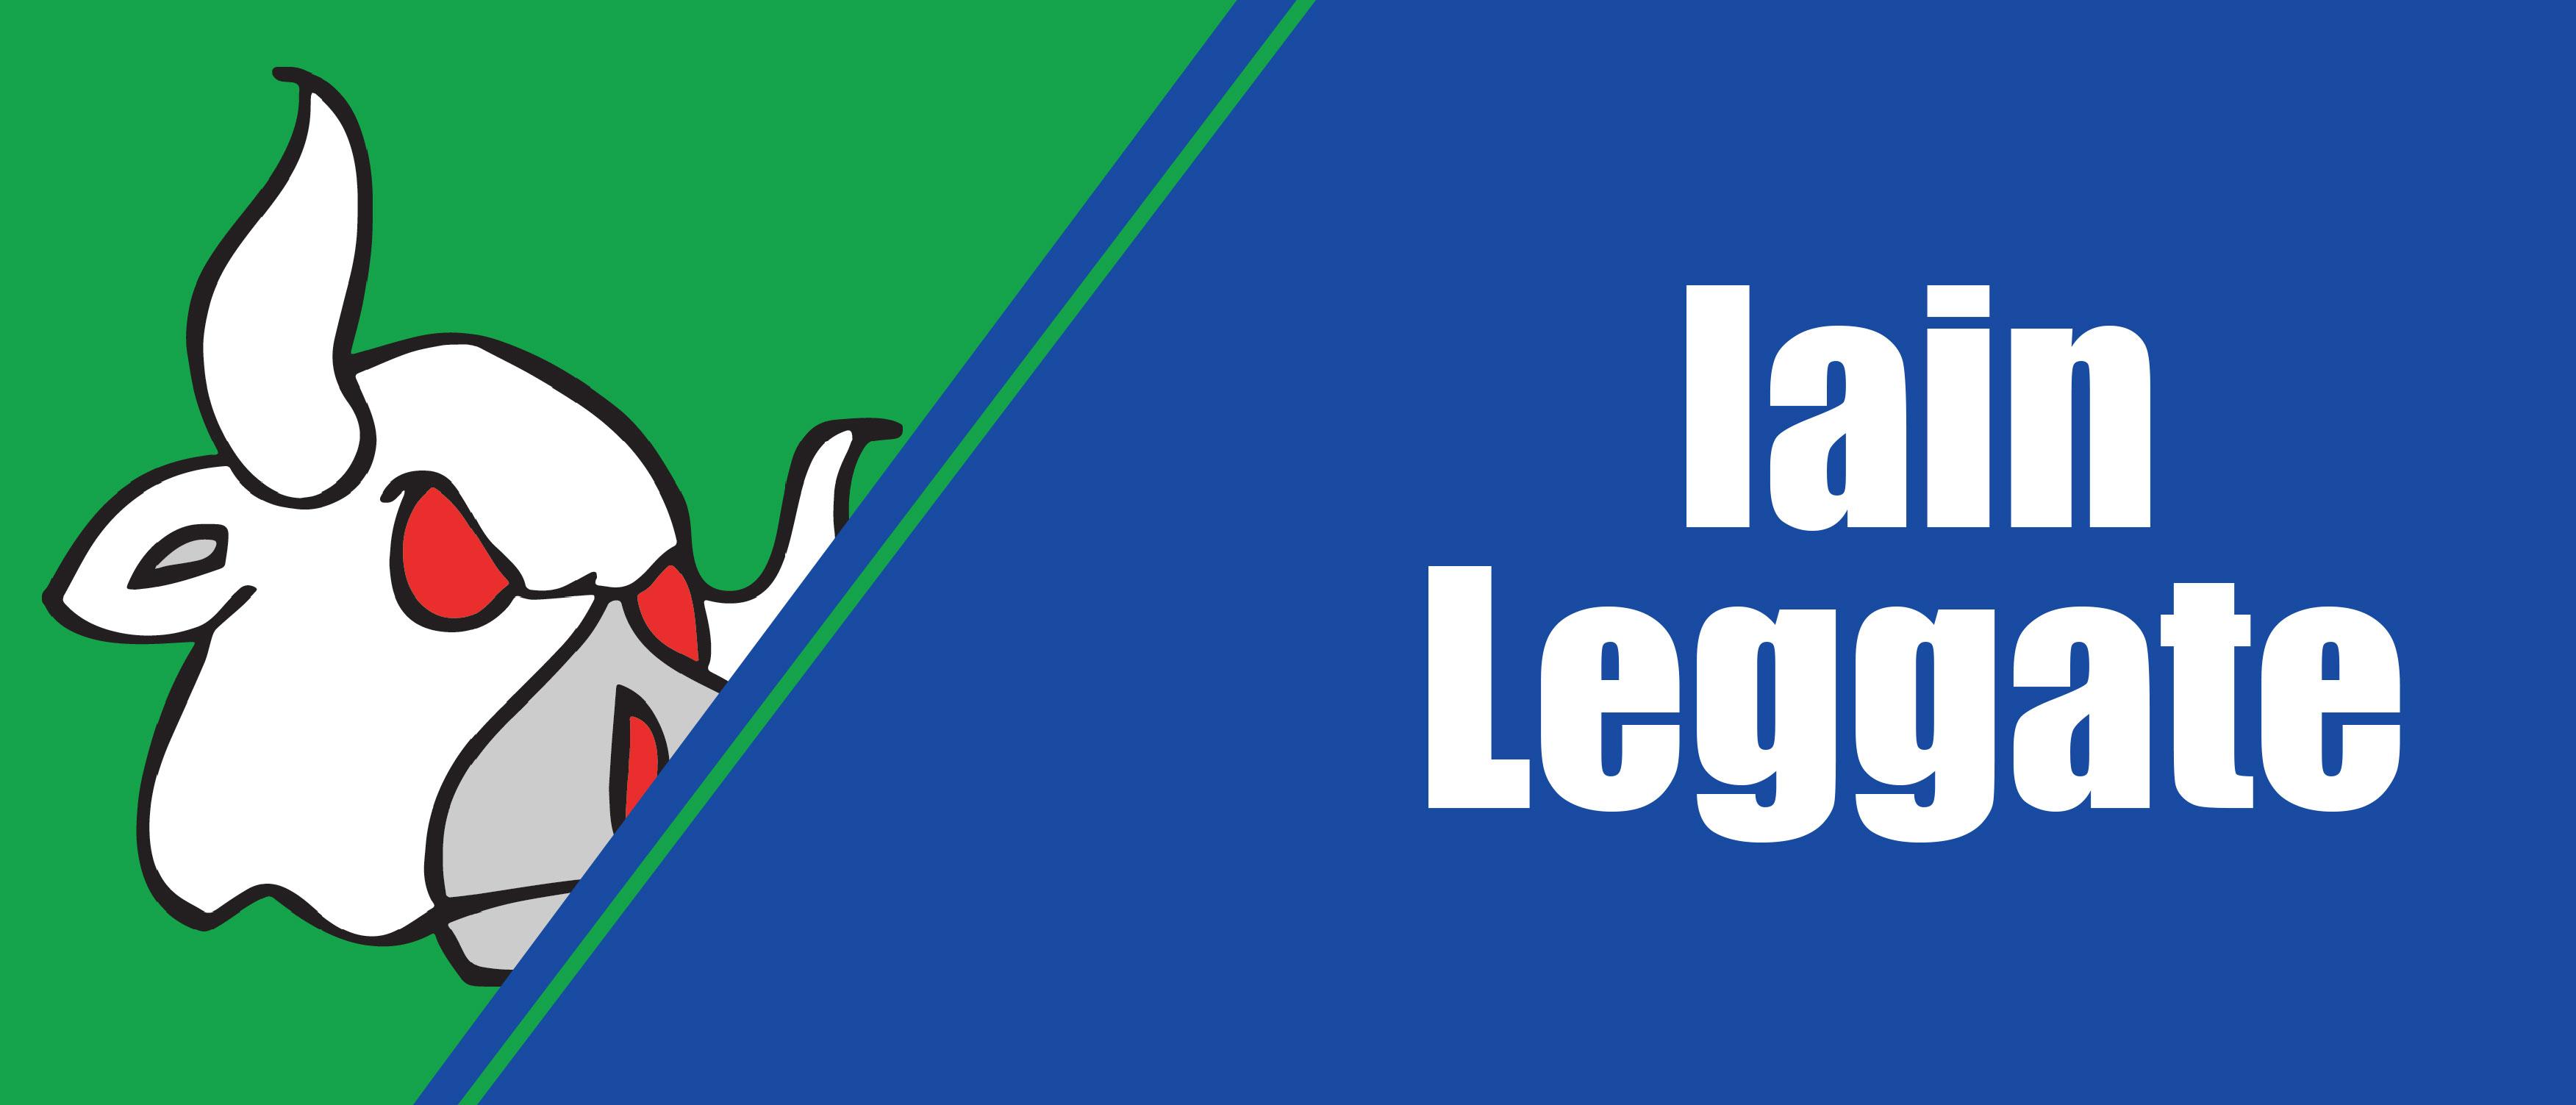 Iain Leggate